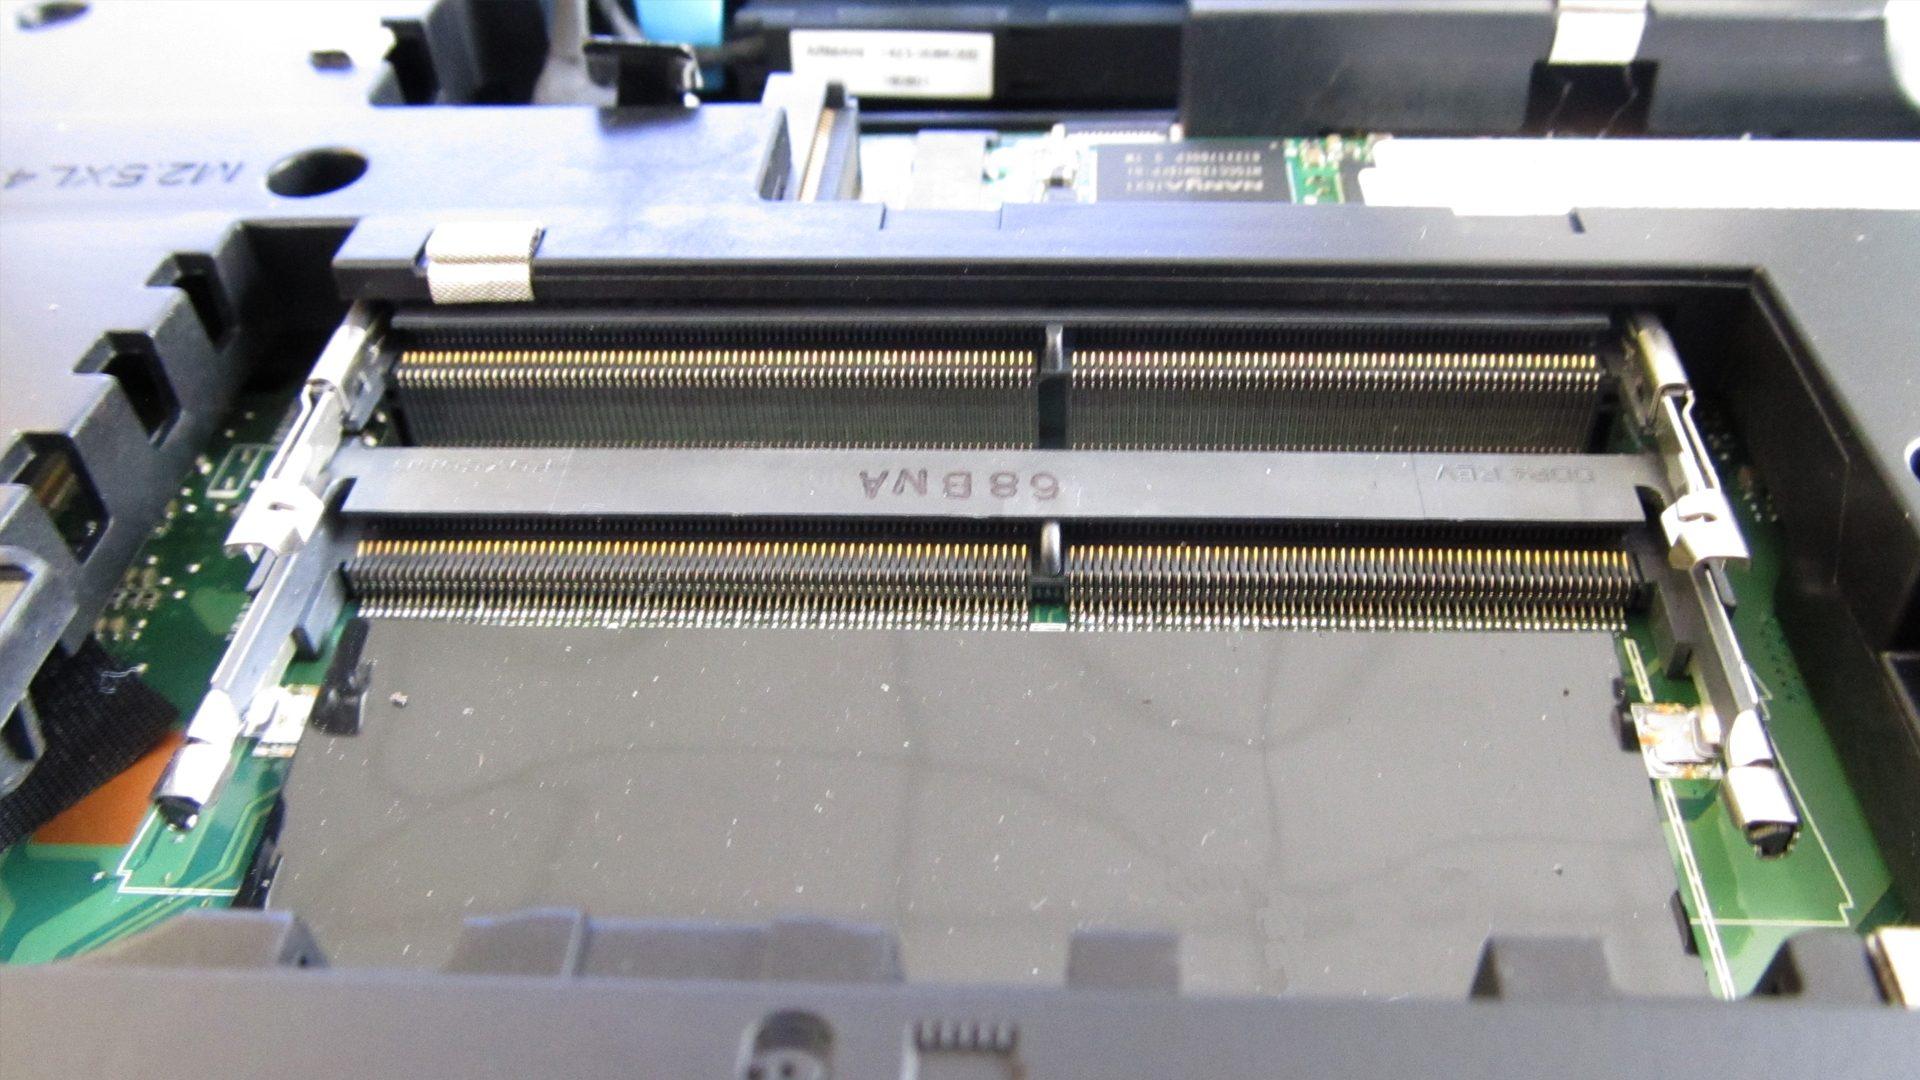 Acer-Predator-17-G9-793-718-Innen_5